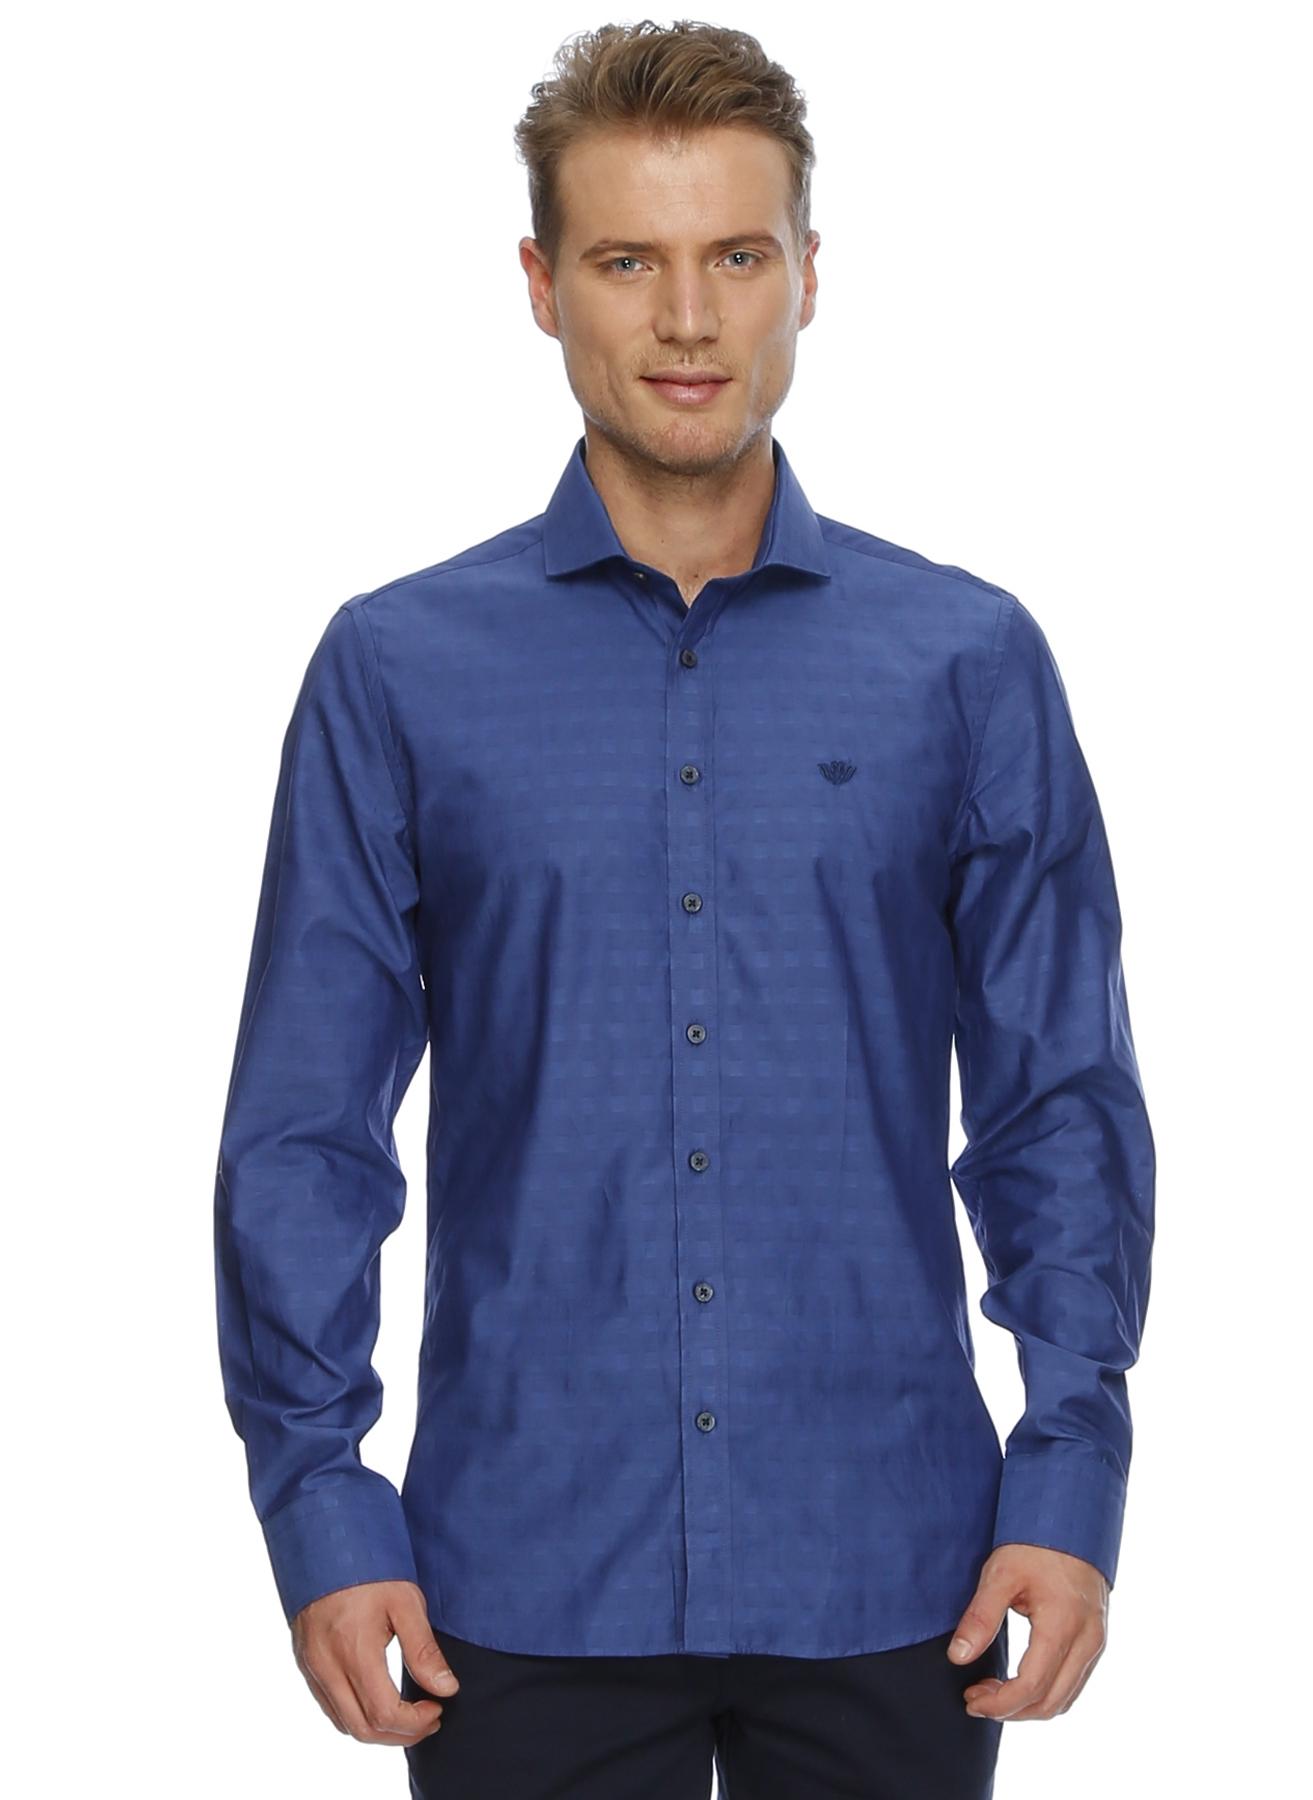 Beymen Business Gömlek L 5000187195005 Ürün Resmi